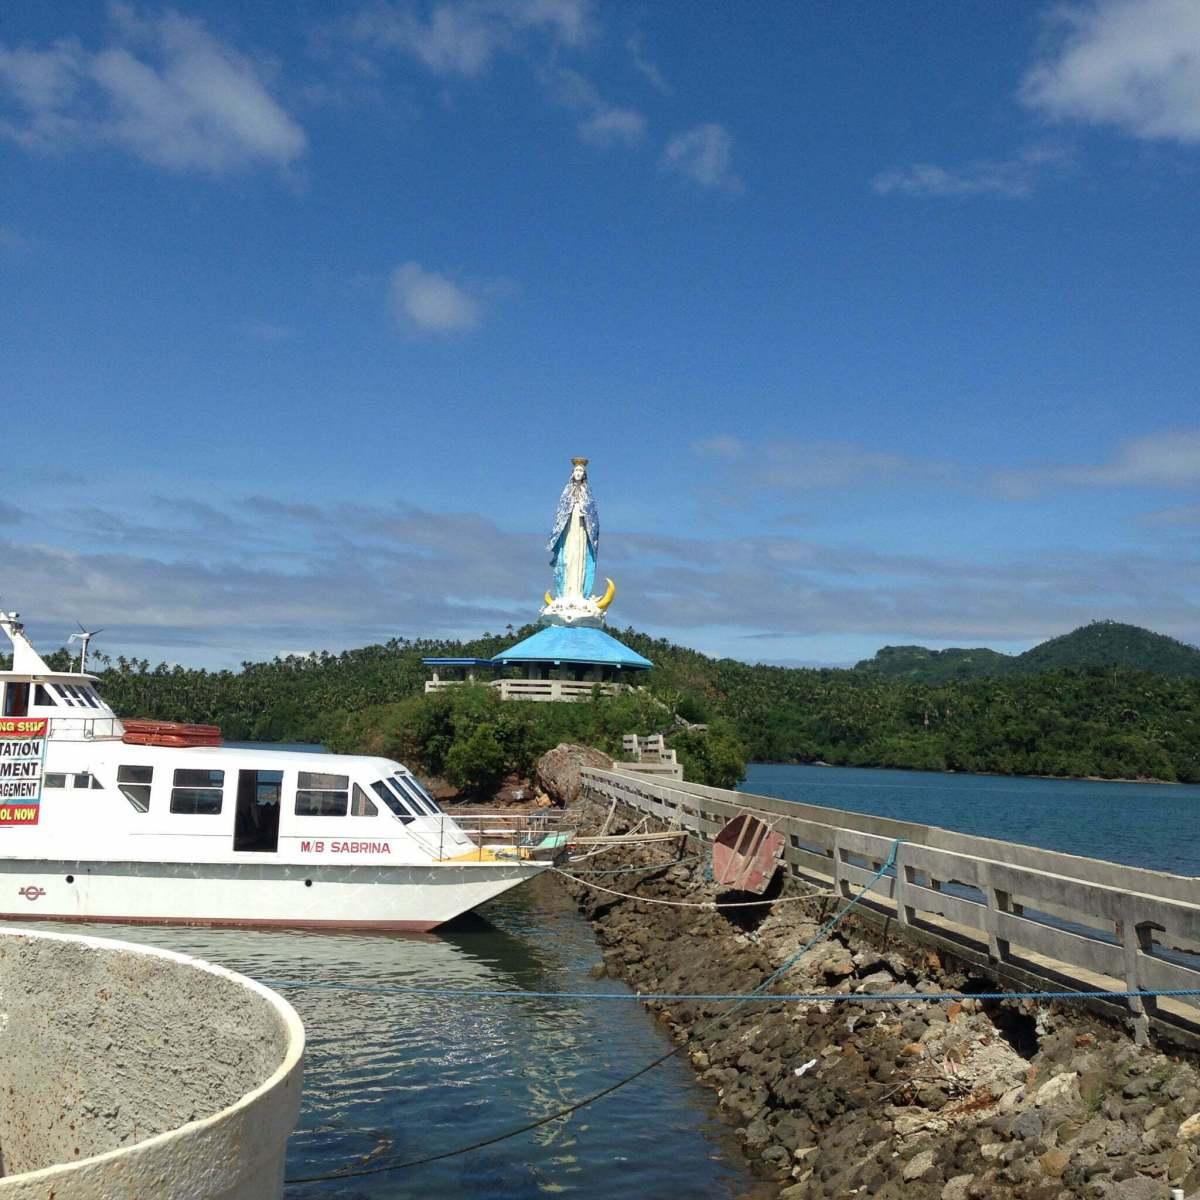 Biyaheng Marinduque: Our Lady of Biglang Awa